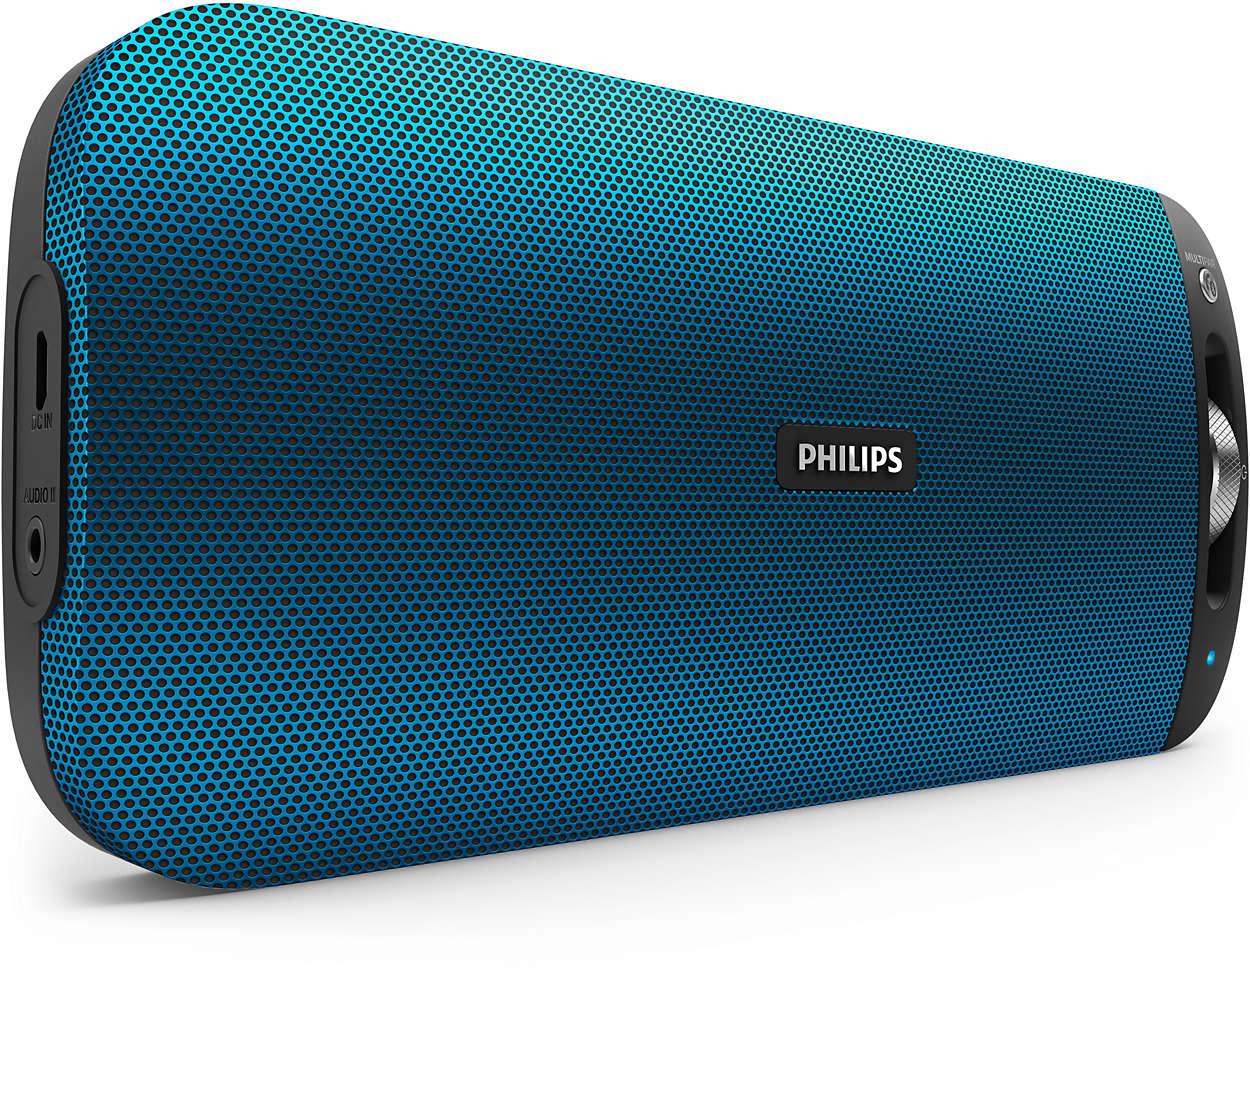 Tamaño compacto, magnífico sonido